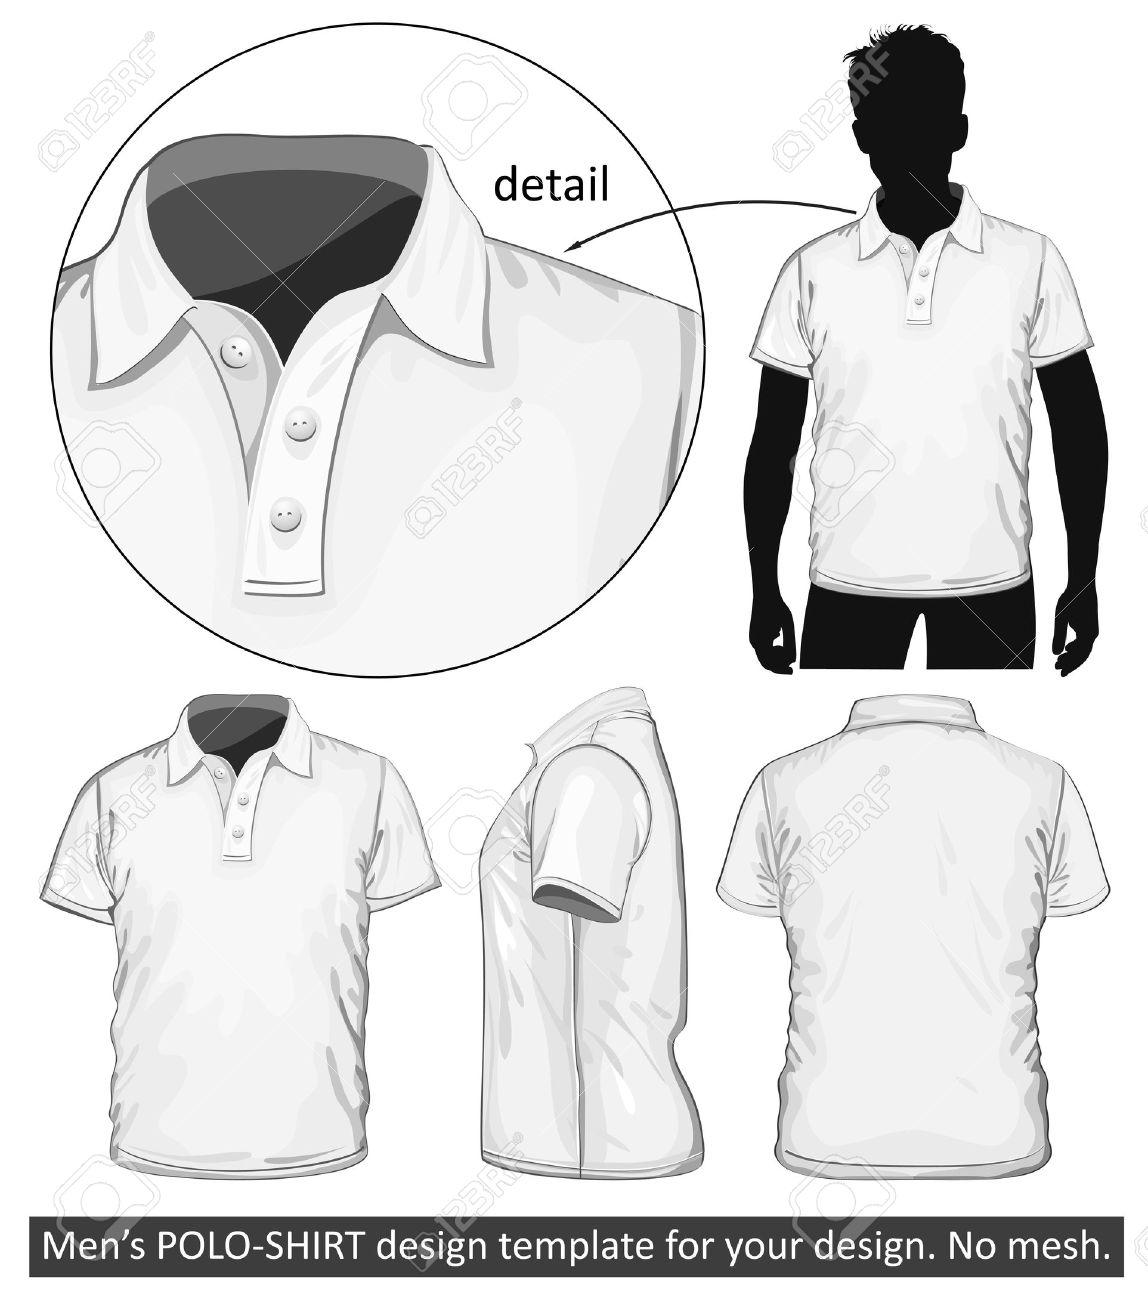 Polo shirt design vector - Polo Shirt Vector Men Illustration